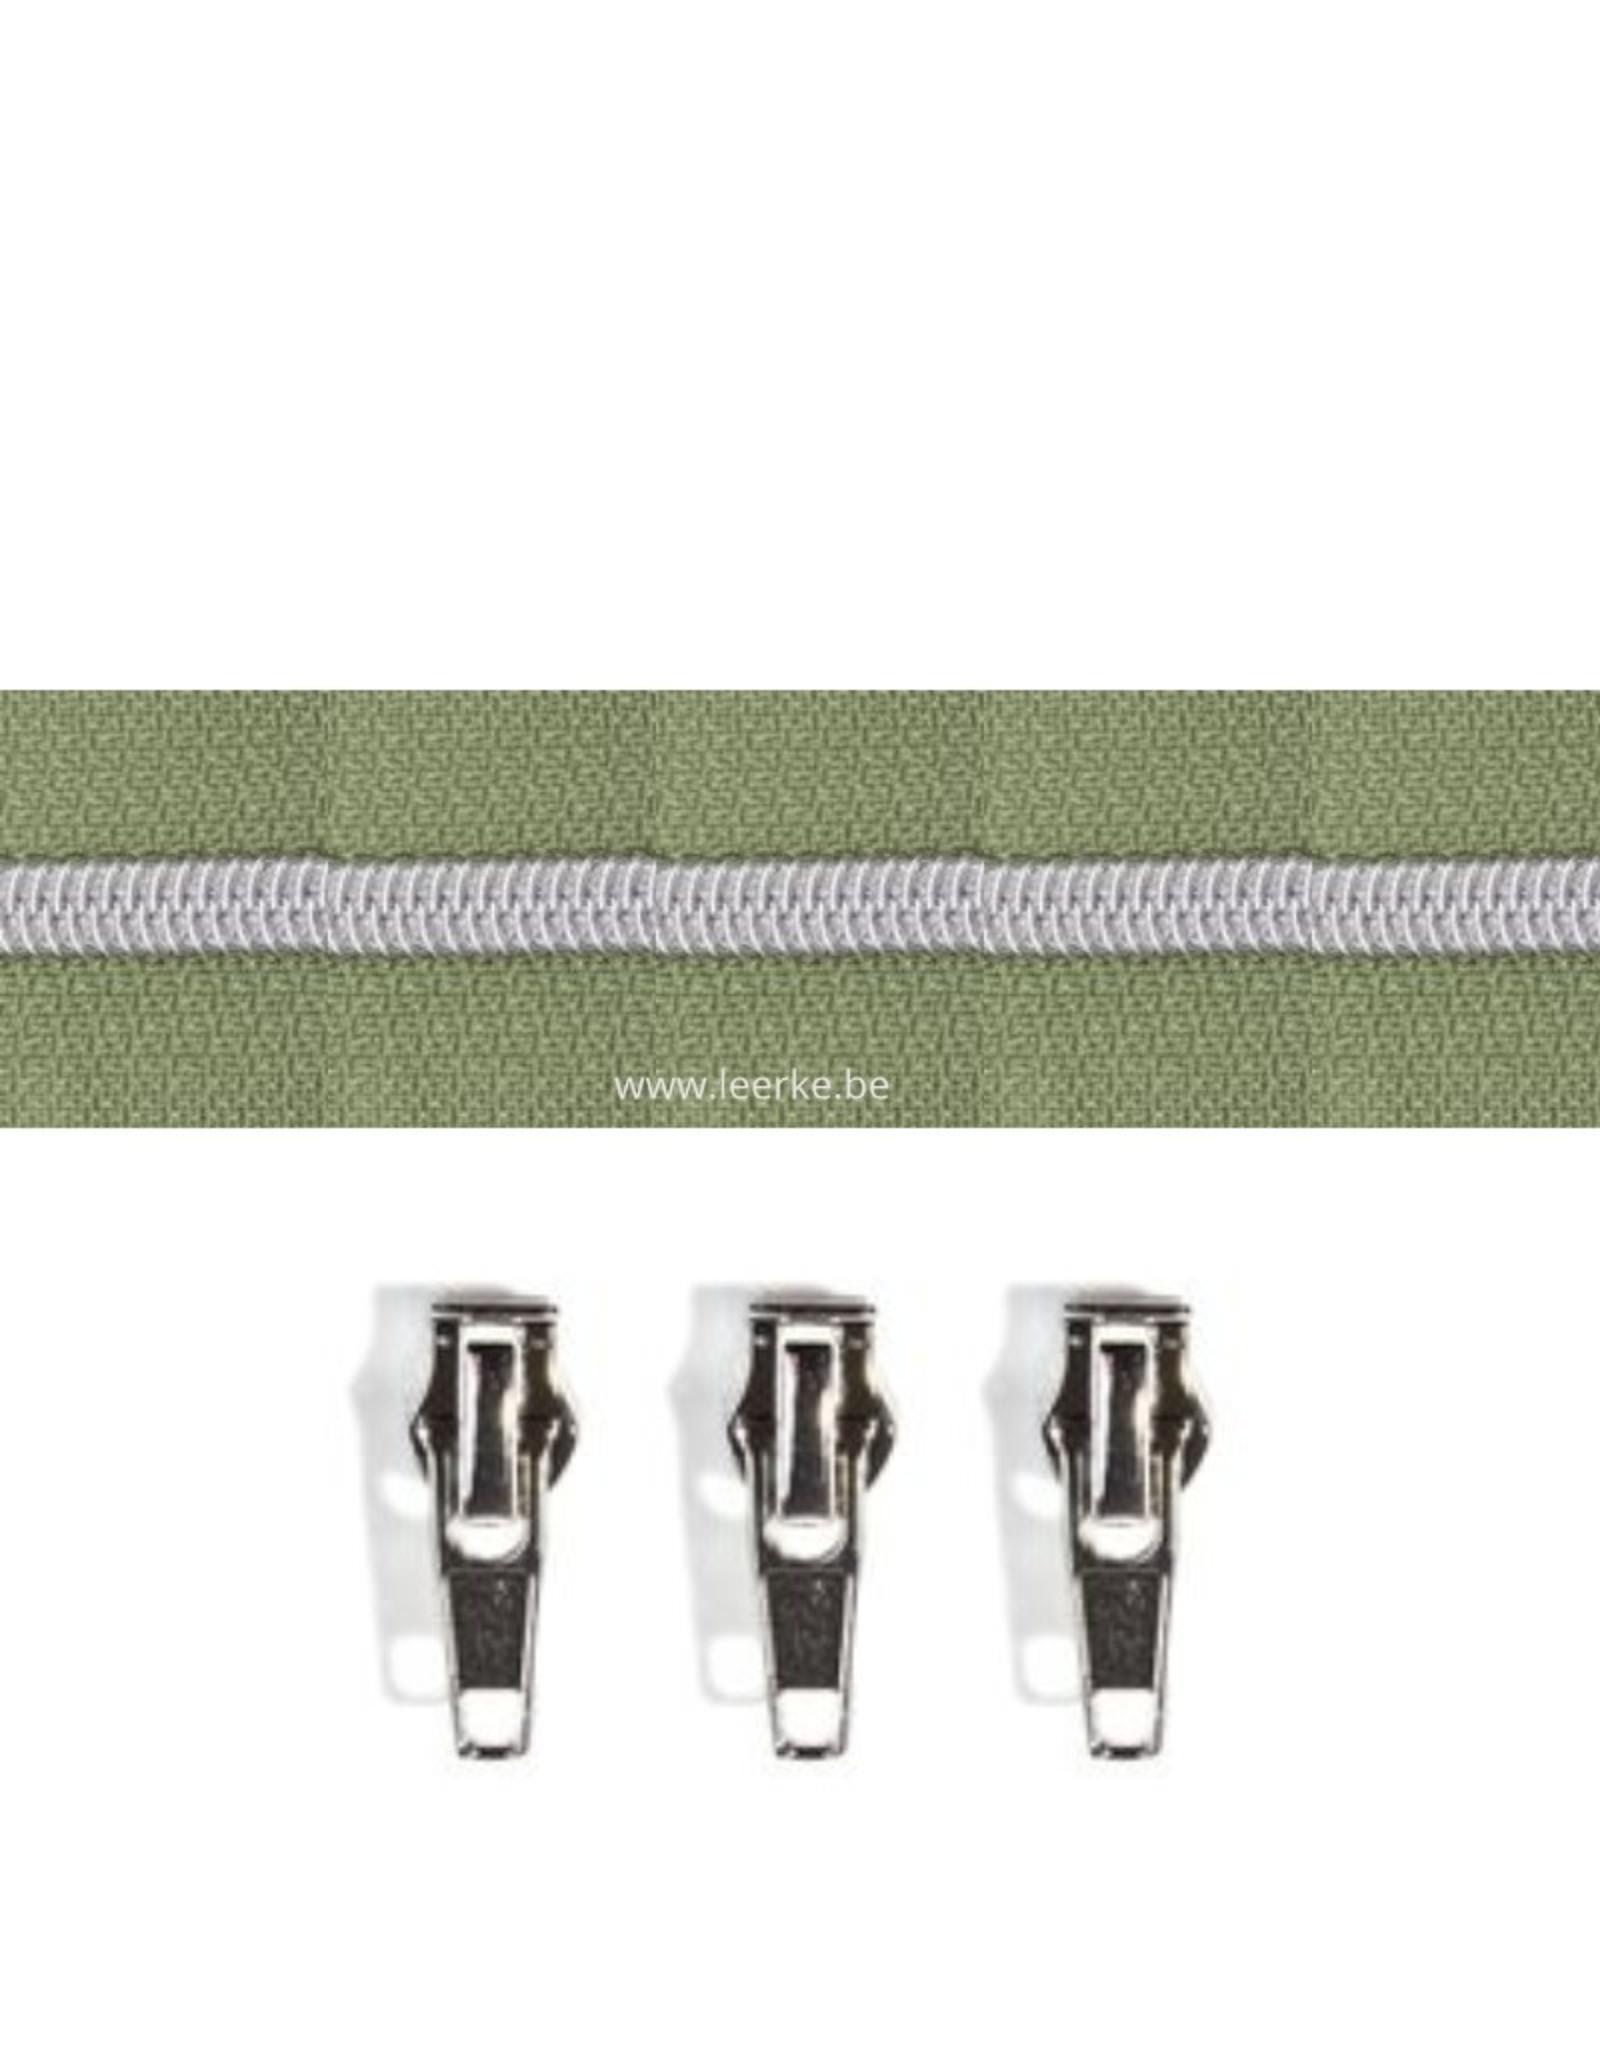 Rits per meter (incl. 3 trekkers) - Zilver- Legergroen - Size 6,5